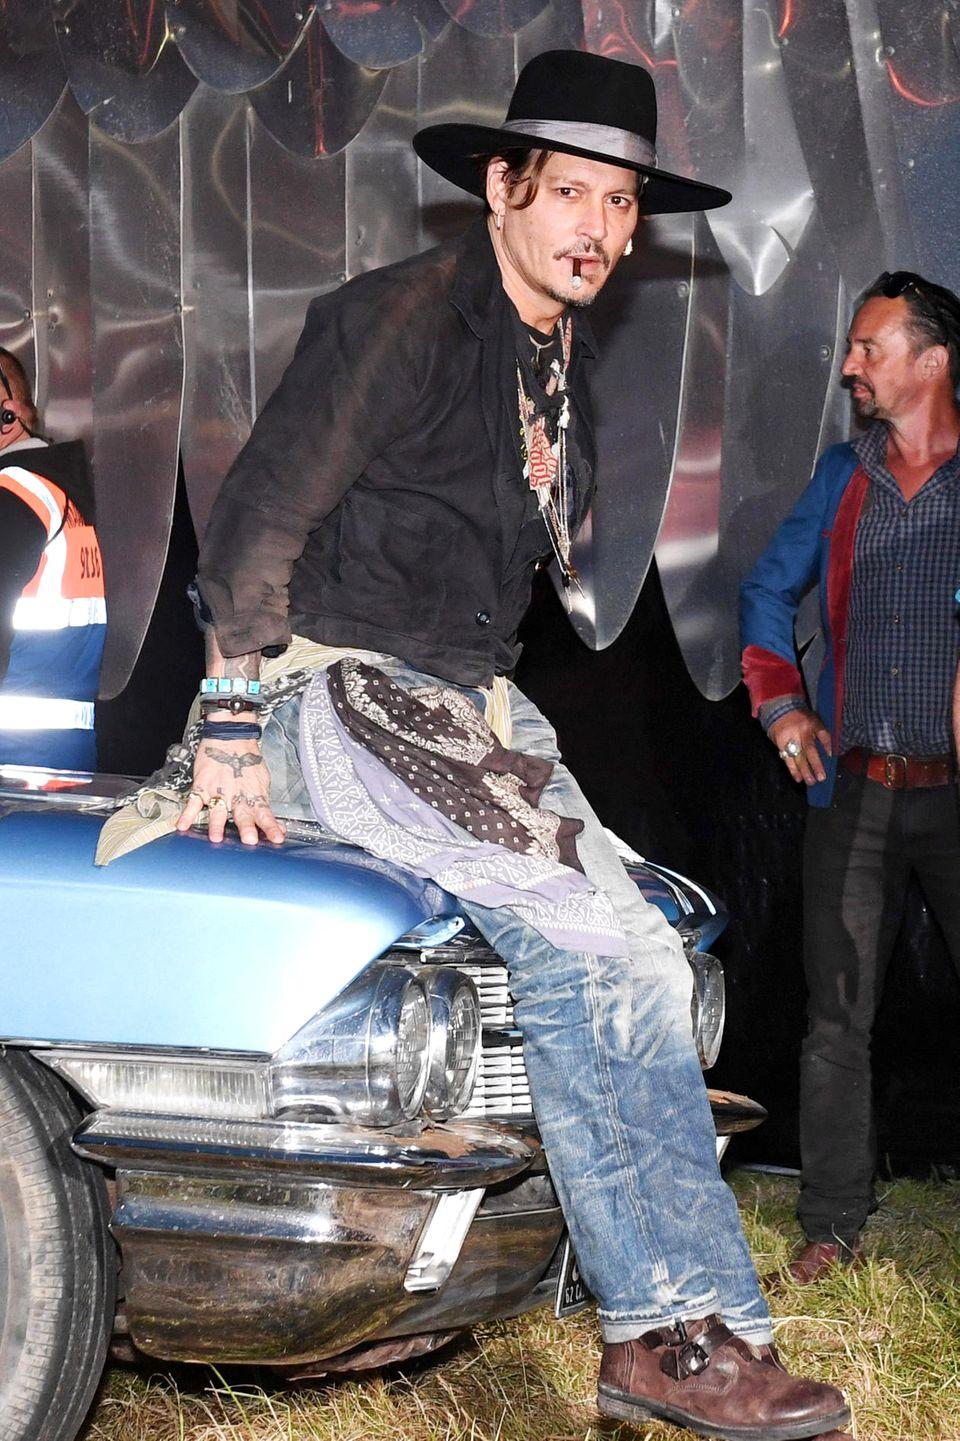 """Johnny Depp: 13 Jahre alt  Während dem Promoting von Tim Burtons Musical """"Sweeney Todd"""" verriet Johnny Depp dem """"Rolling Stone"""": """"Ich habe nie so etwas Kollaboratives gemacht, seit ich mit 13 meine Jungfräulichkeit verloren habe."""""""